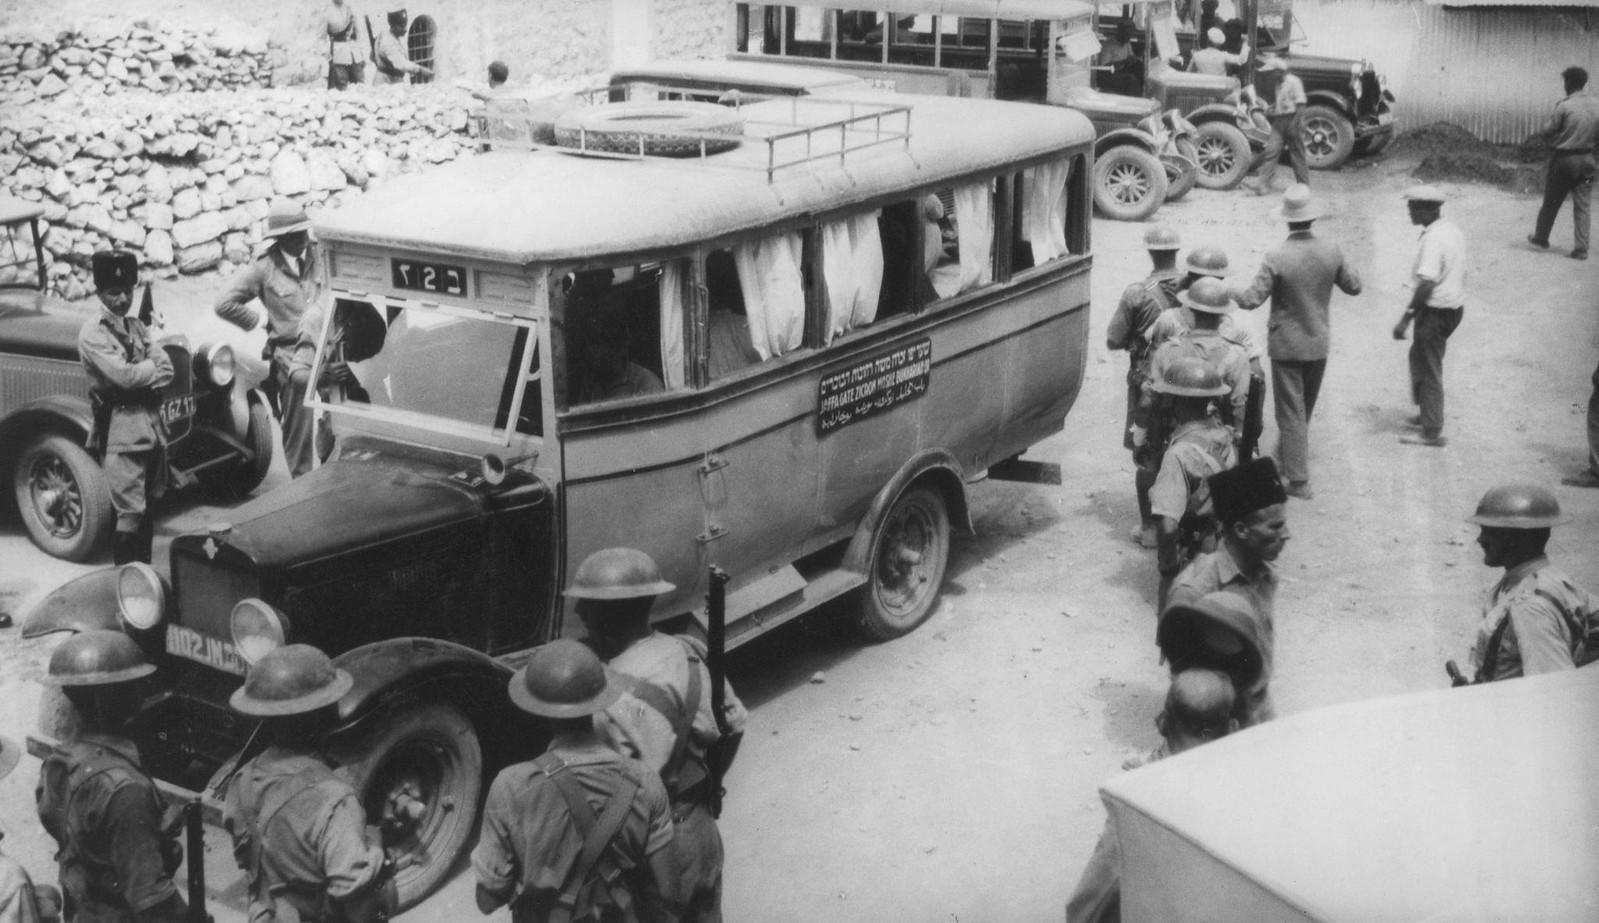 09. 23–31 августа. Хеврон. Машина в сопровождении британских солдат прибыла, чтобы забрать остатки вещей из разграбленных еврейских домов